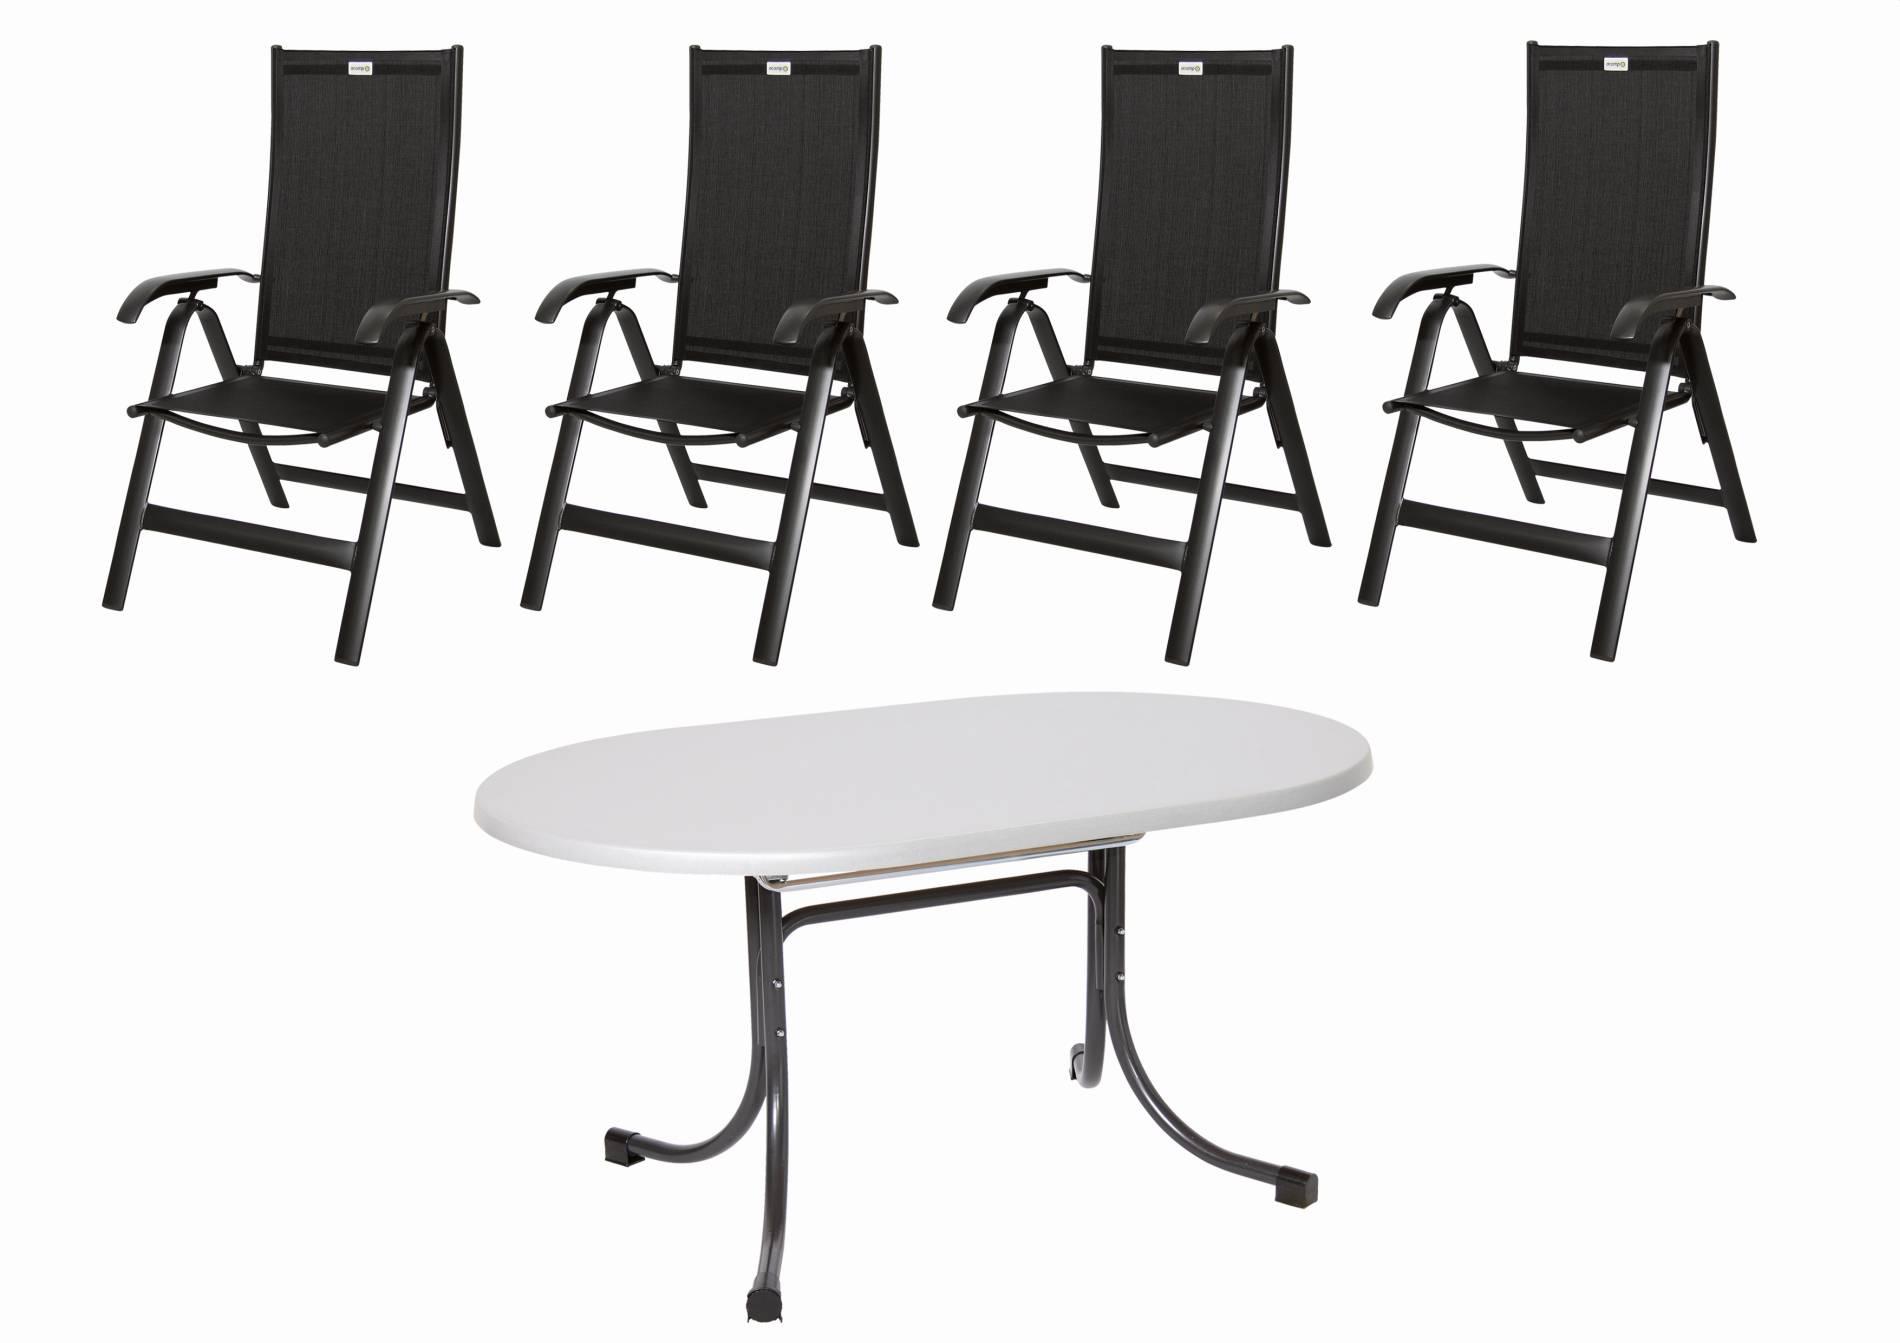 Acamp Sitzgruppe Acatop 5tlg. anthrazit 4 Klappsessel 1 Klapptisch 146x94 cm Aluminium Acatex Gewebe